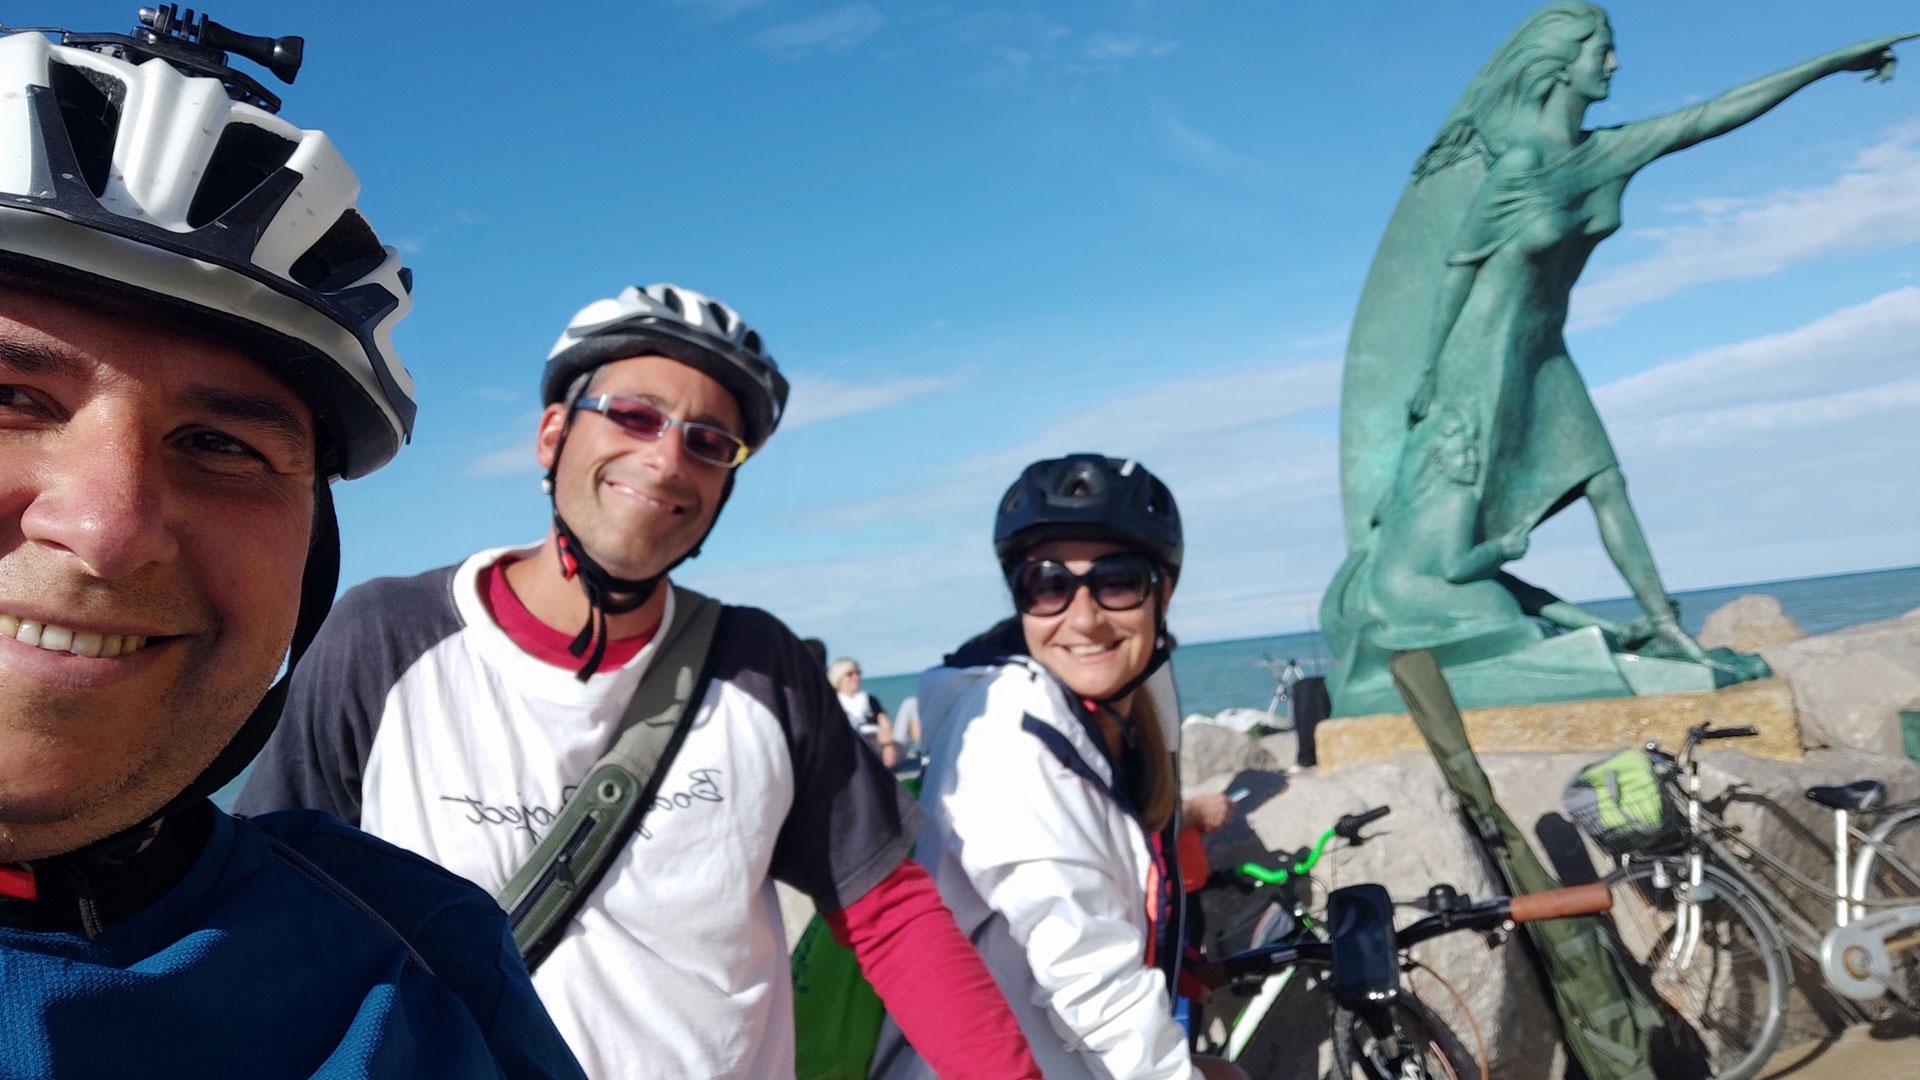 Uscita in bici sino a Rimini